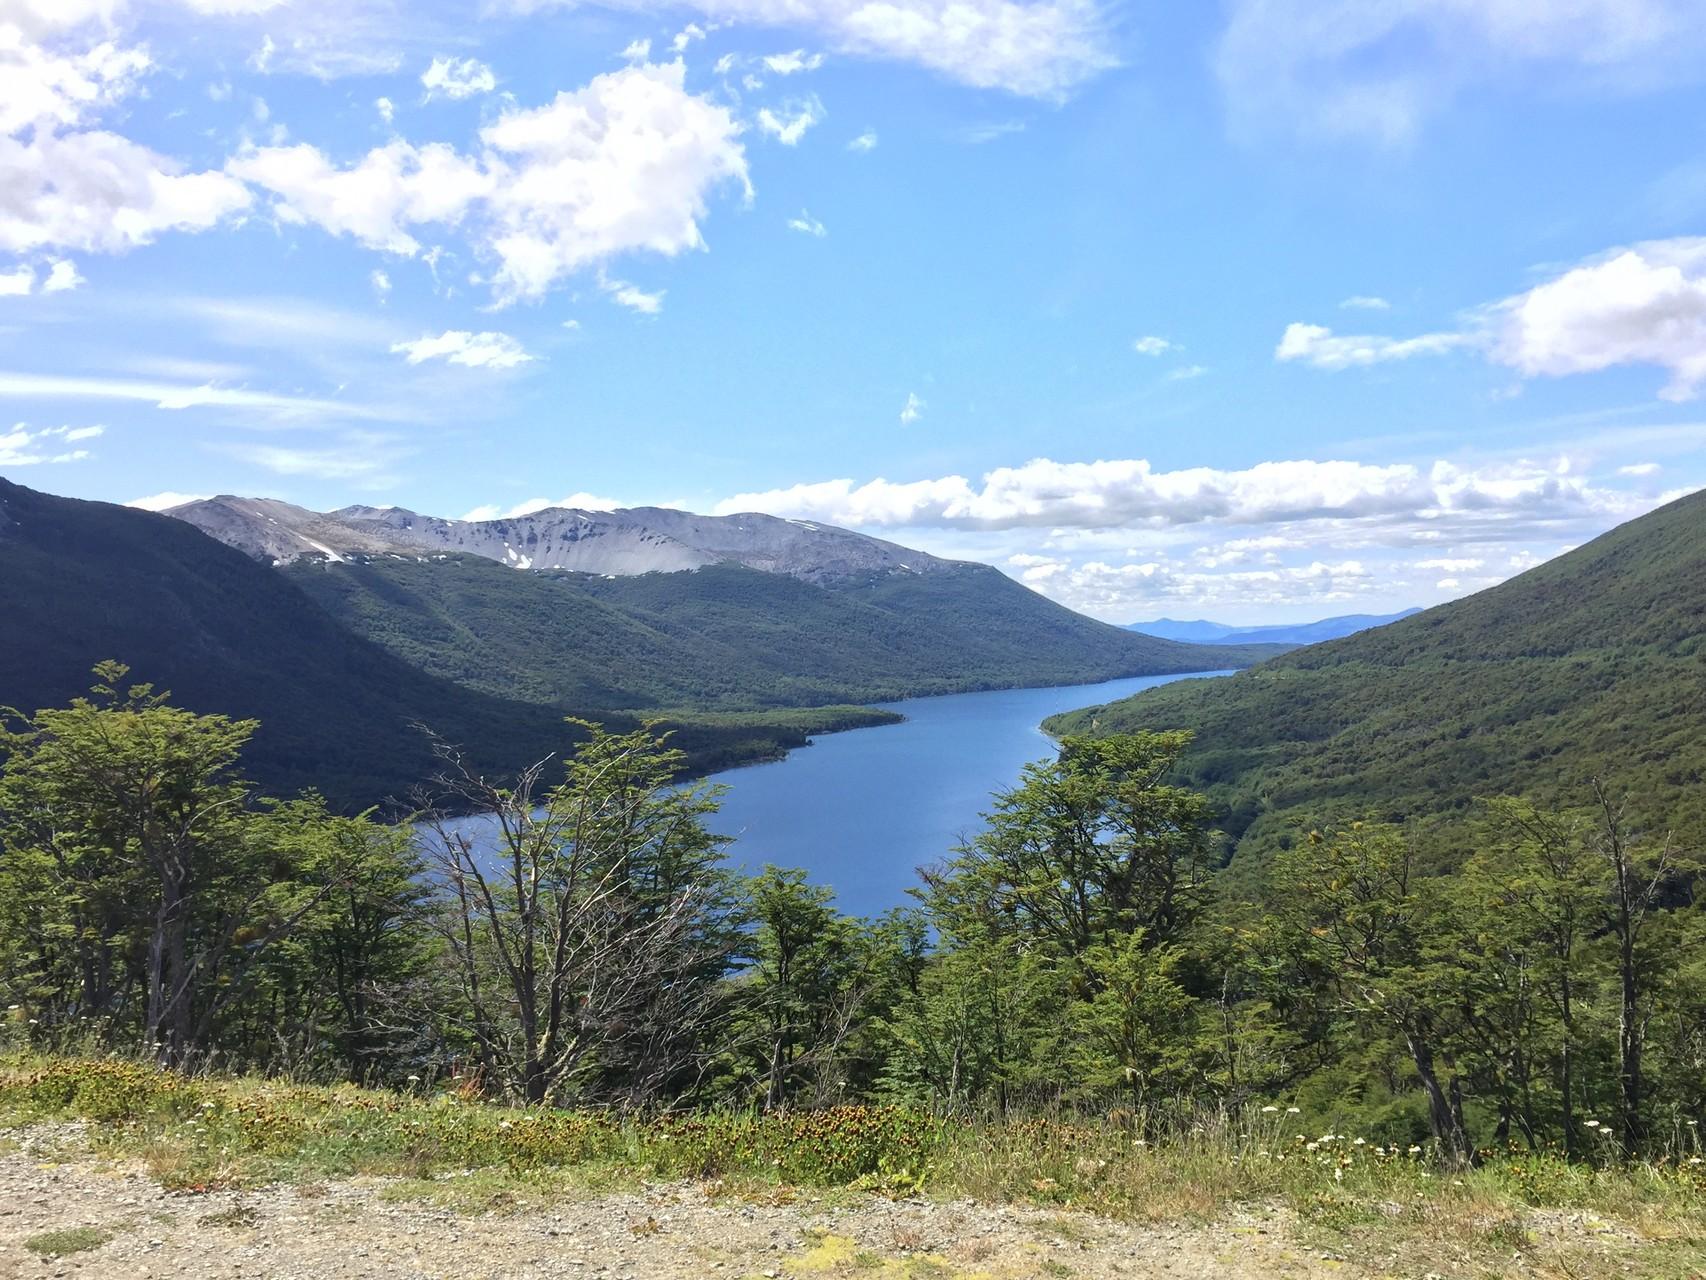 Vor Ushuaia sind Berge und Seen